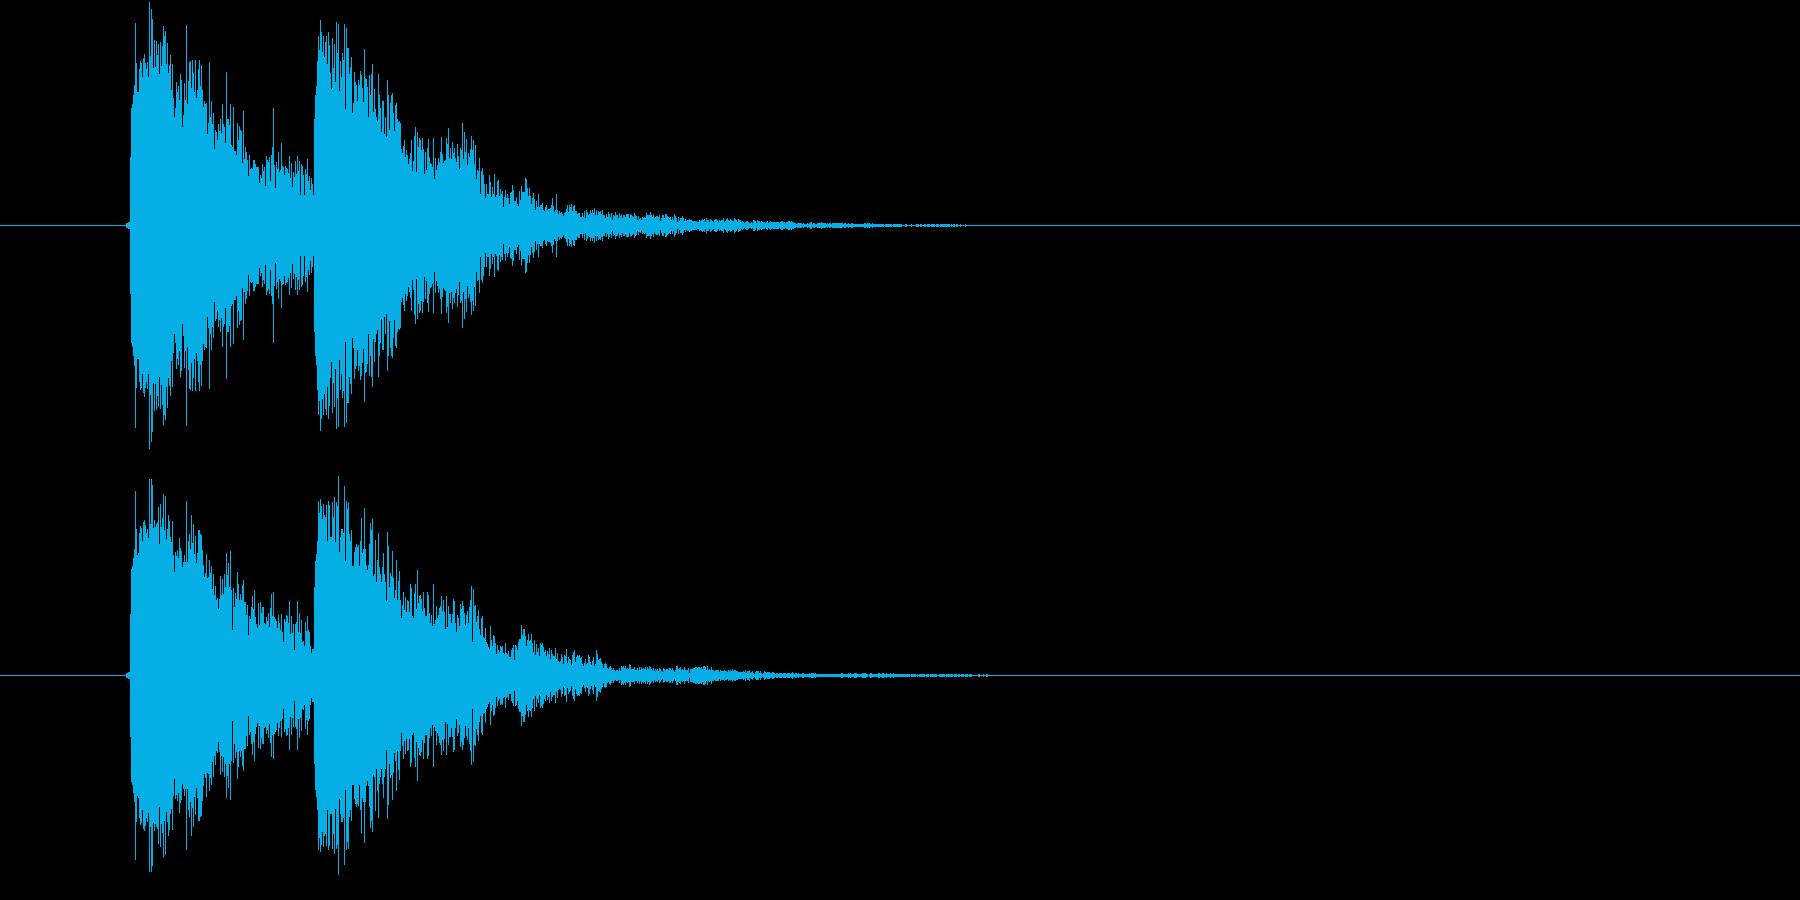 ジャッジャン 効果音の再生済みの波形